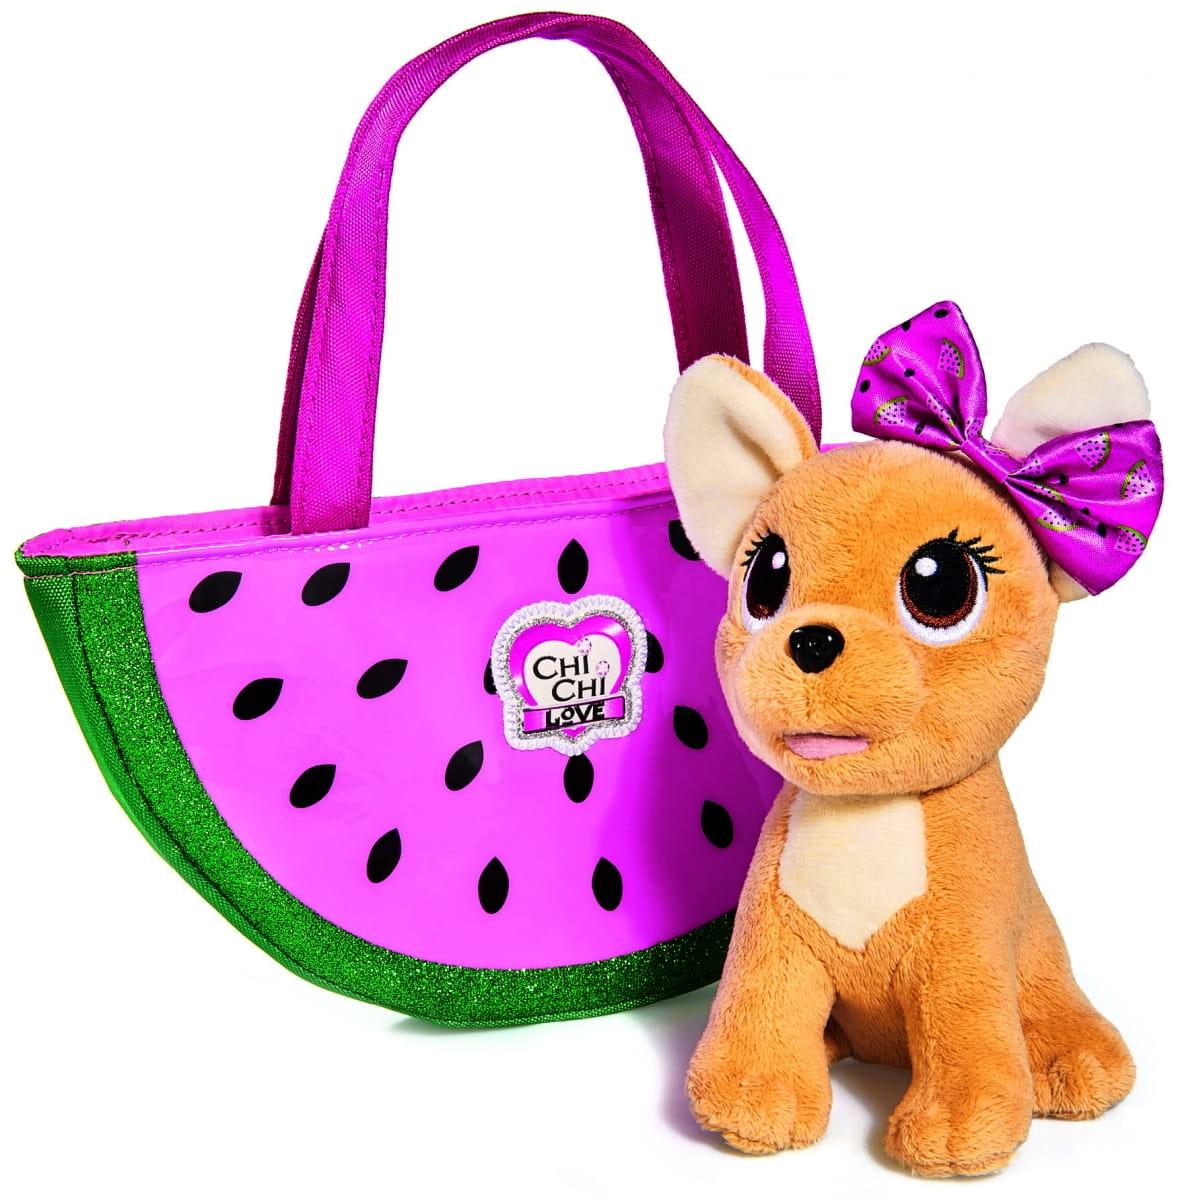 Собачка Chi-Chi love Фруктовая мода  18 см (SIMBA) - Игровые наборы для девочек